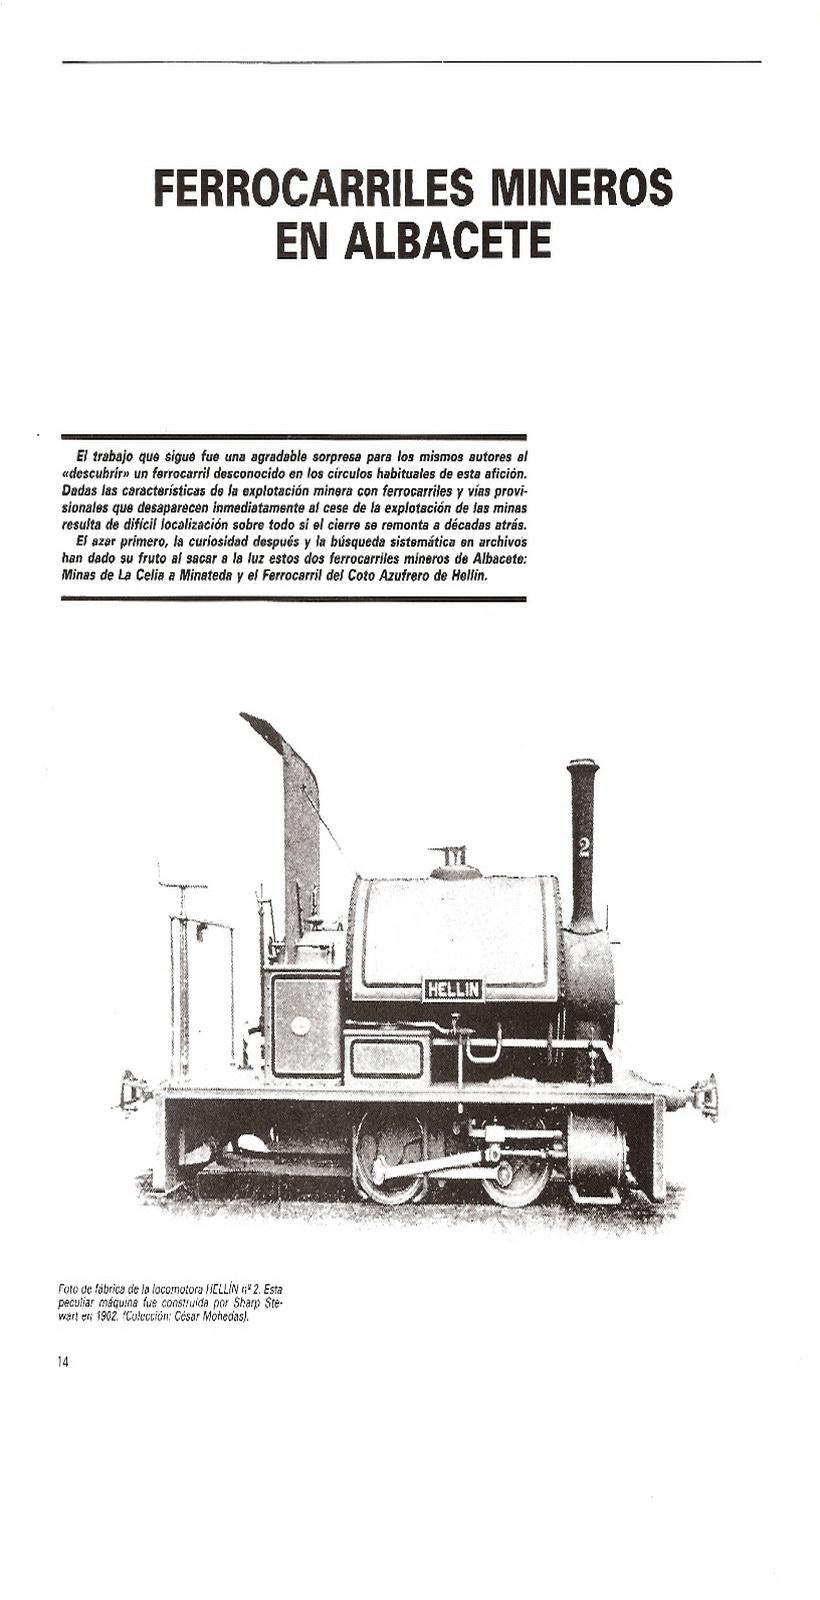 Ferrocarriles mineros en Albacete